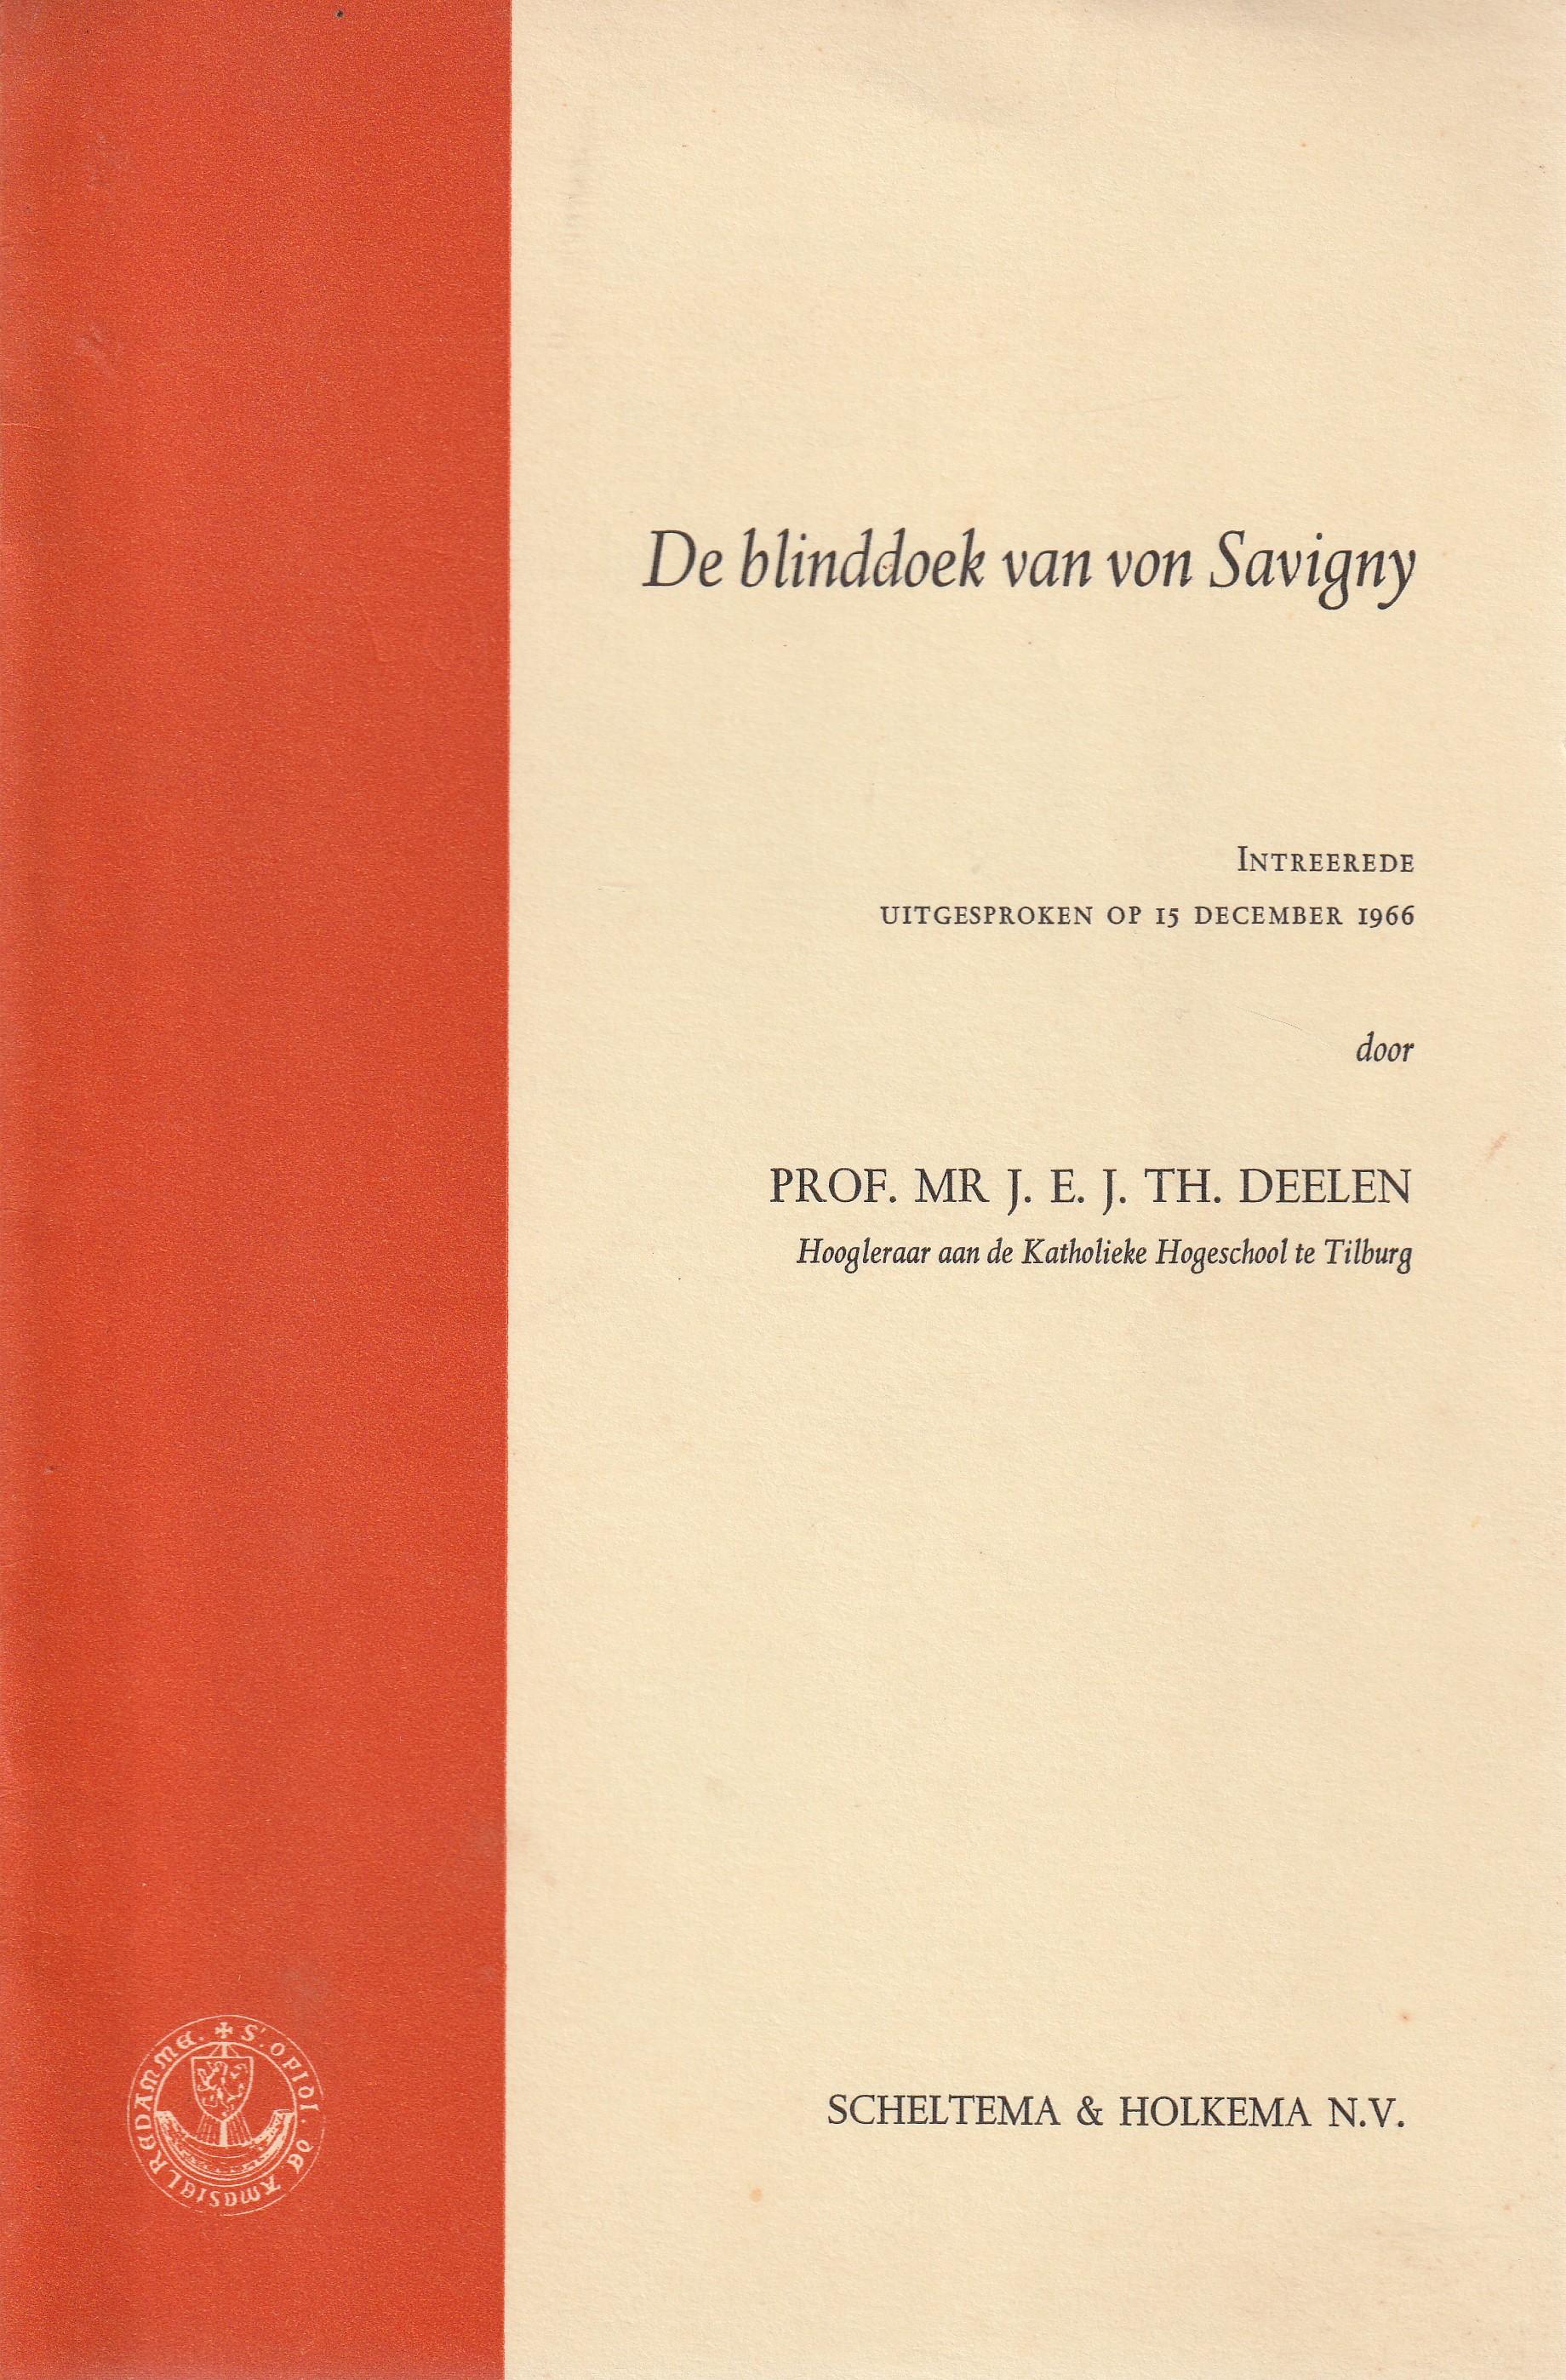 De blinddoek van von Savigny - Rede 1966